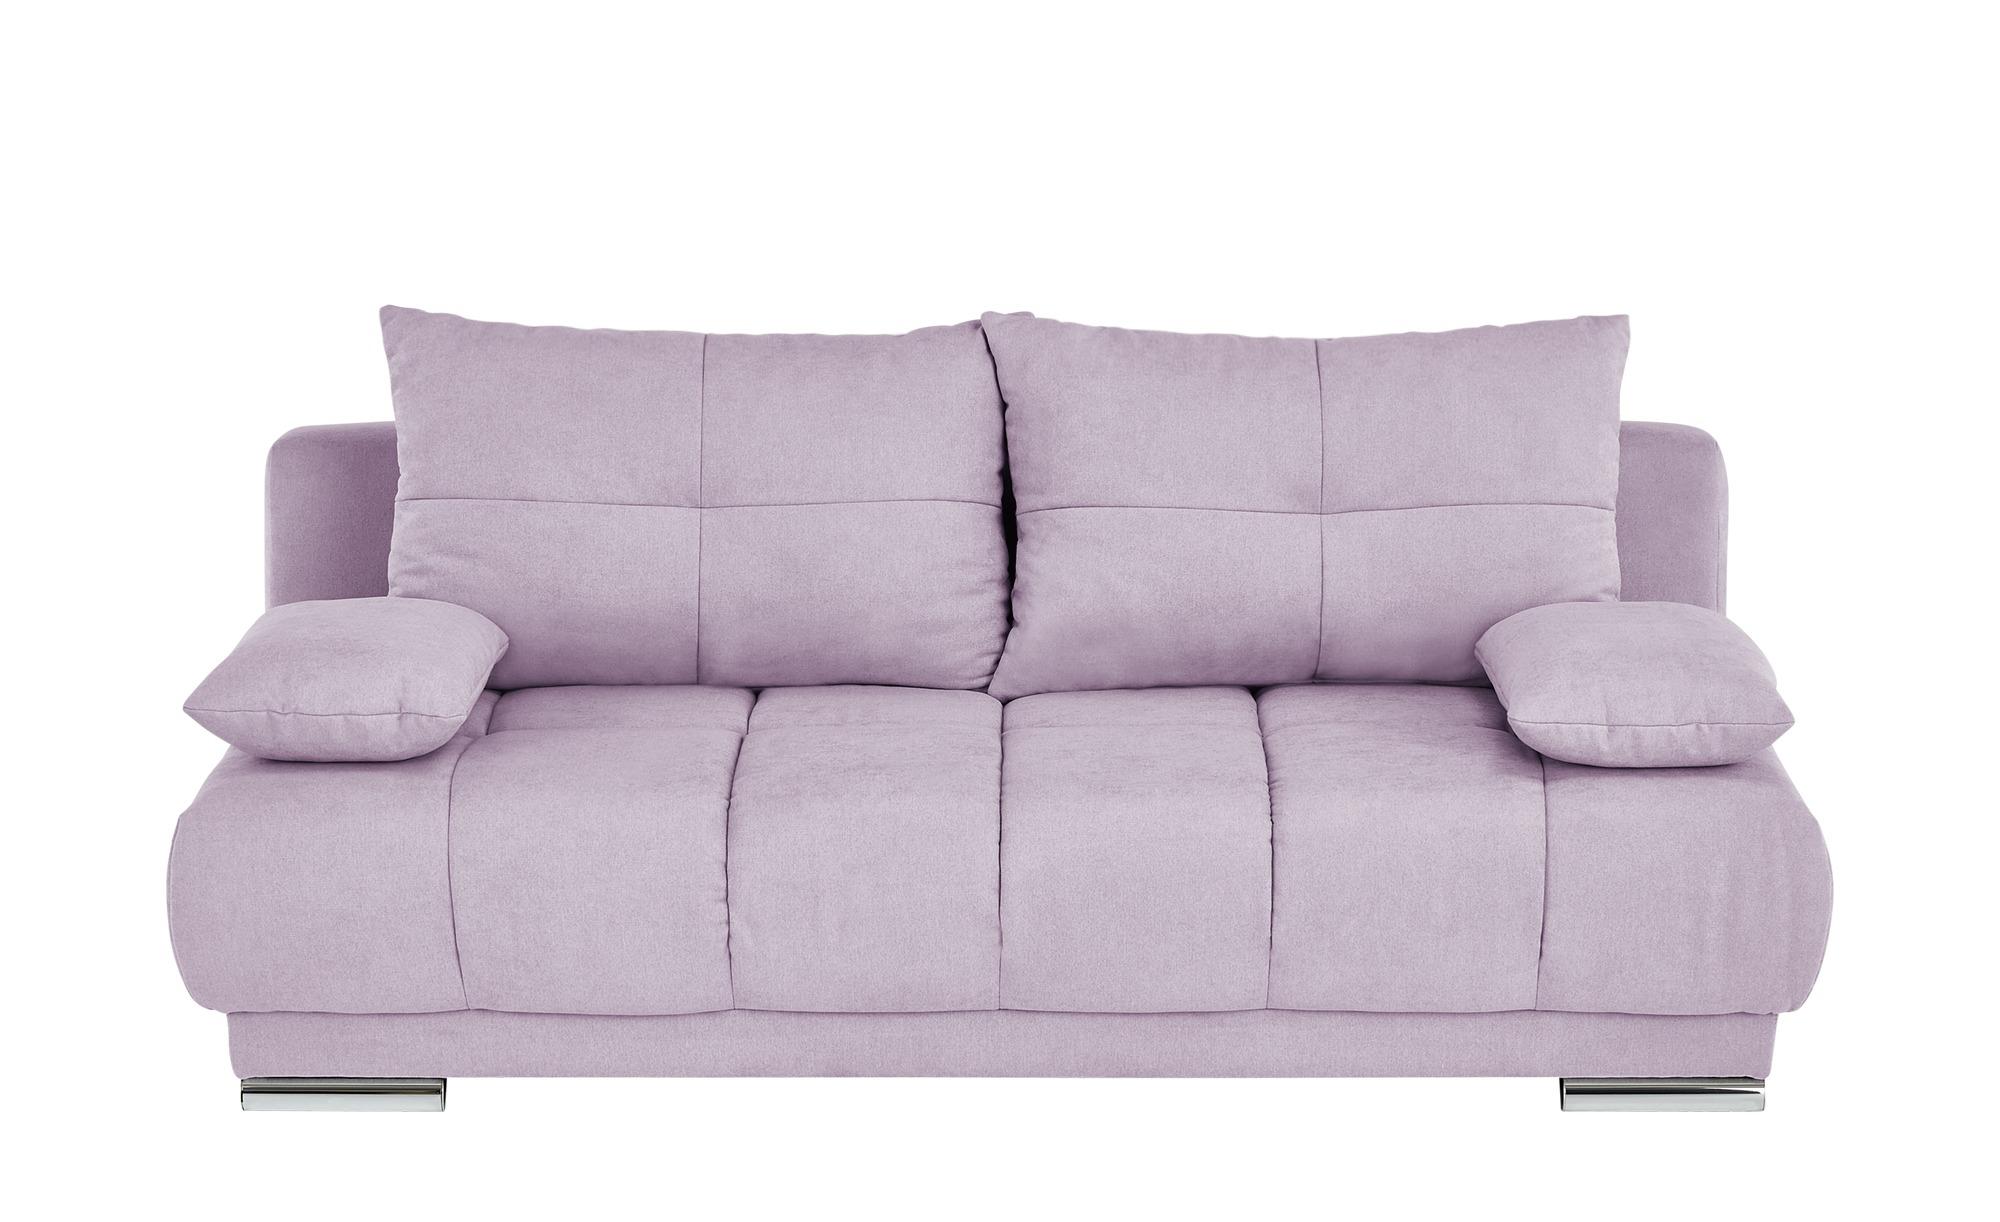 bobb Schlafsofa  Isalie de Luxe ¦ rosa/pink ¦ Maße (cm): B: 206 H: 92 T: 105 Polstermöbel > Sofas > Einzelsofas - Höffner